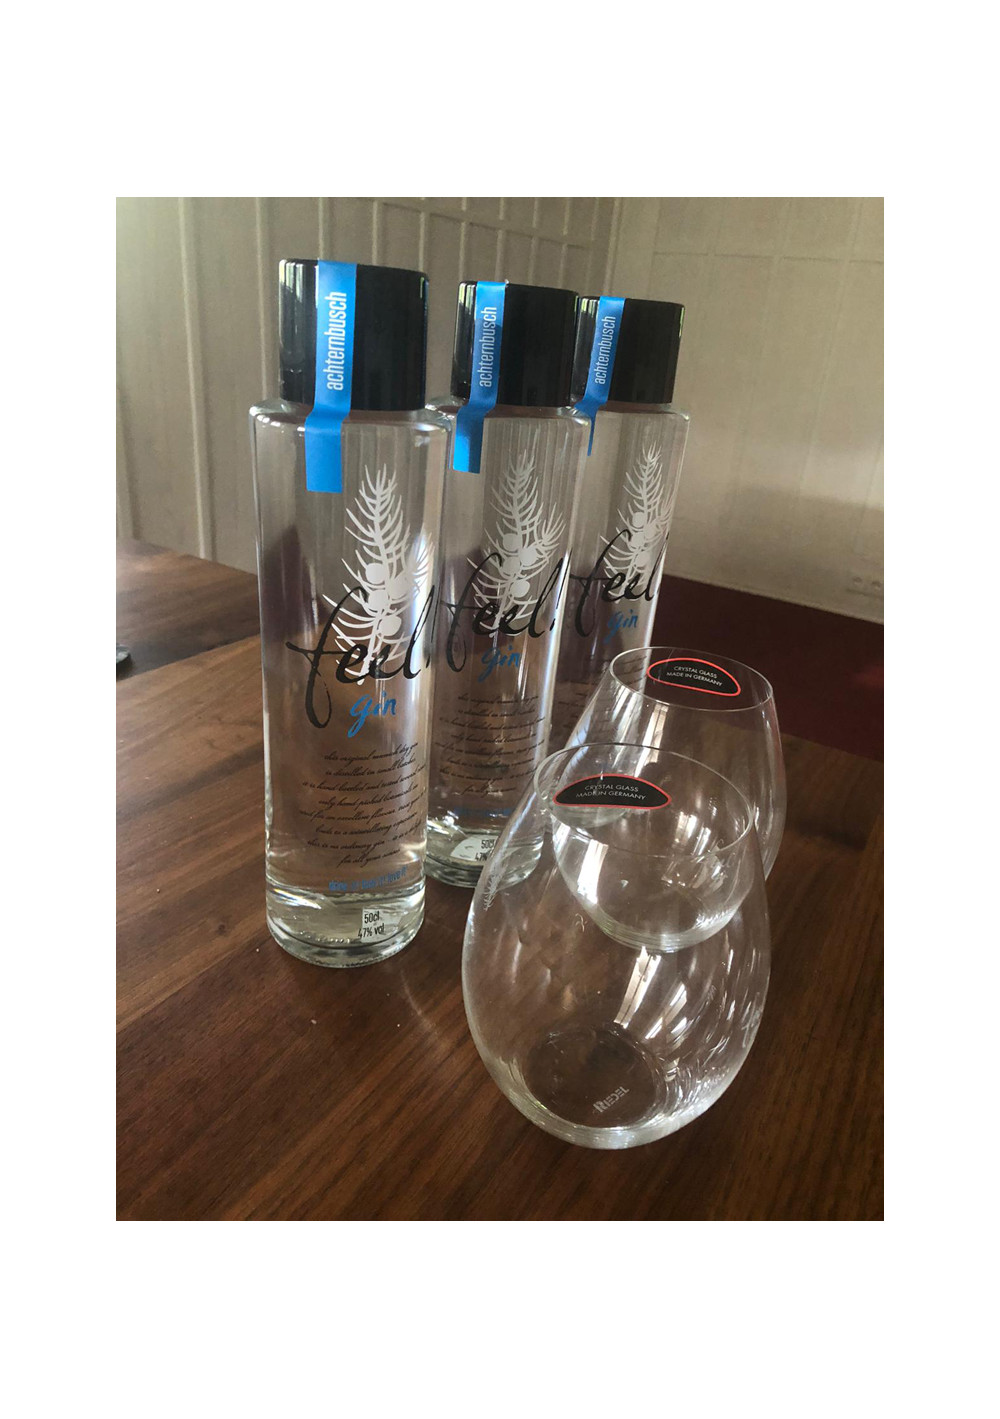 Super-Offerte: 3er Set of Feel! Munich Dry Gin. 2 Riedel-Tumbler gratis